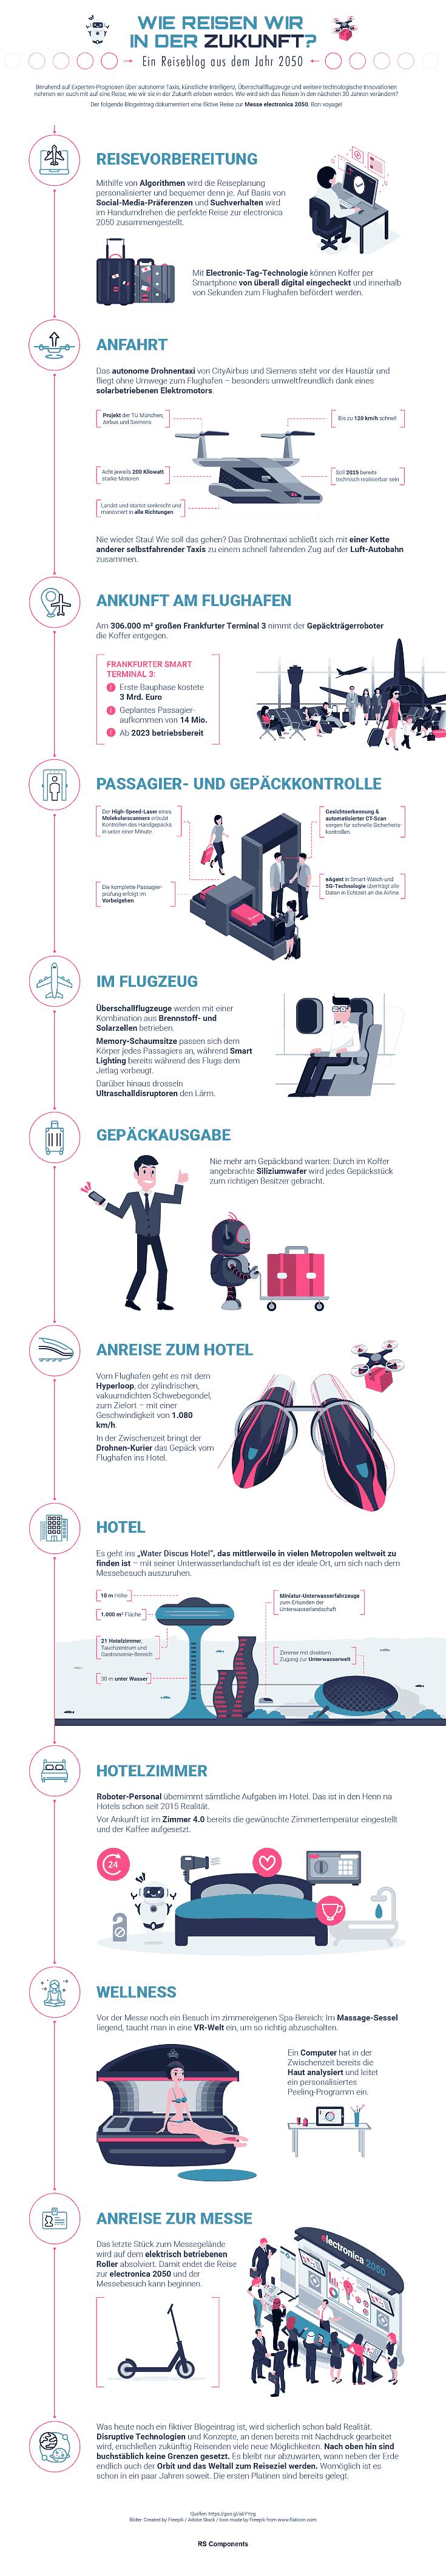 eine fiktive Reise zur Messe electronica 2050